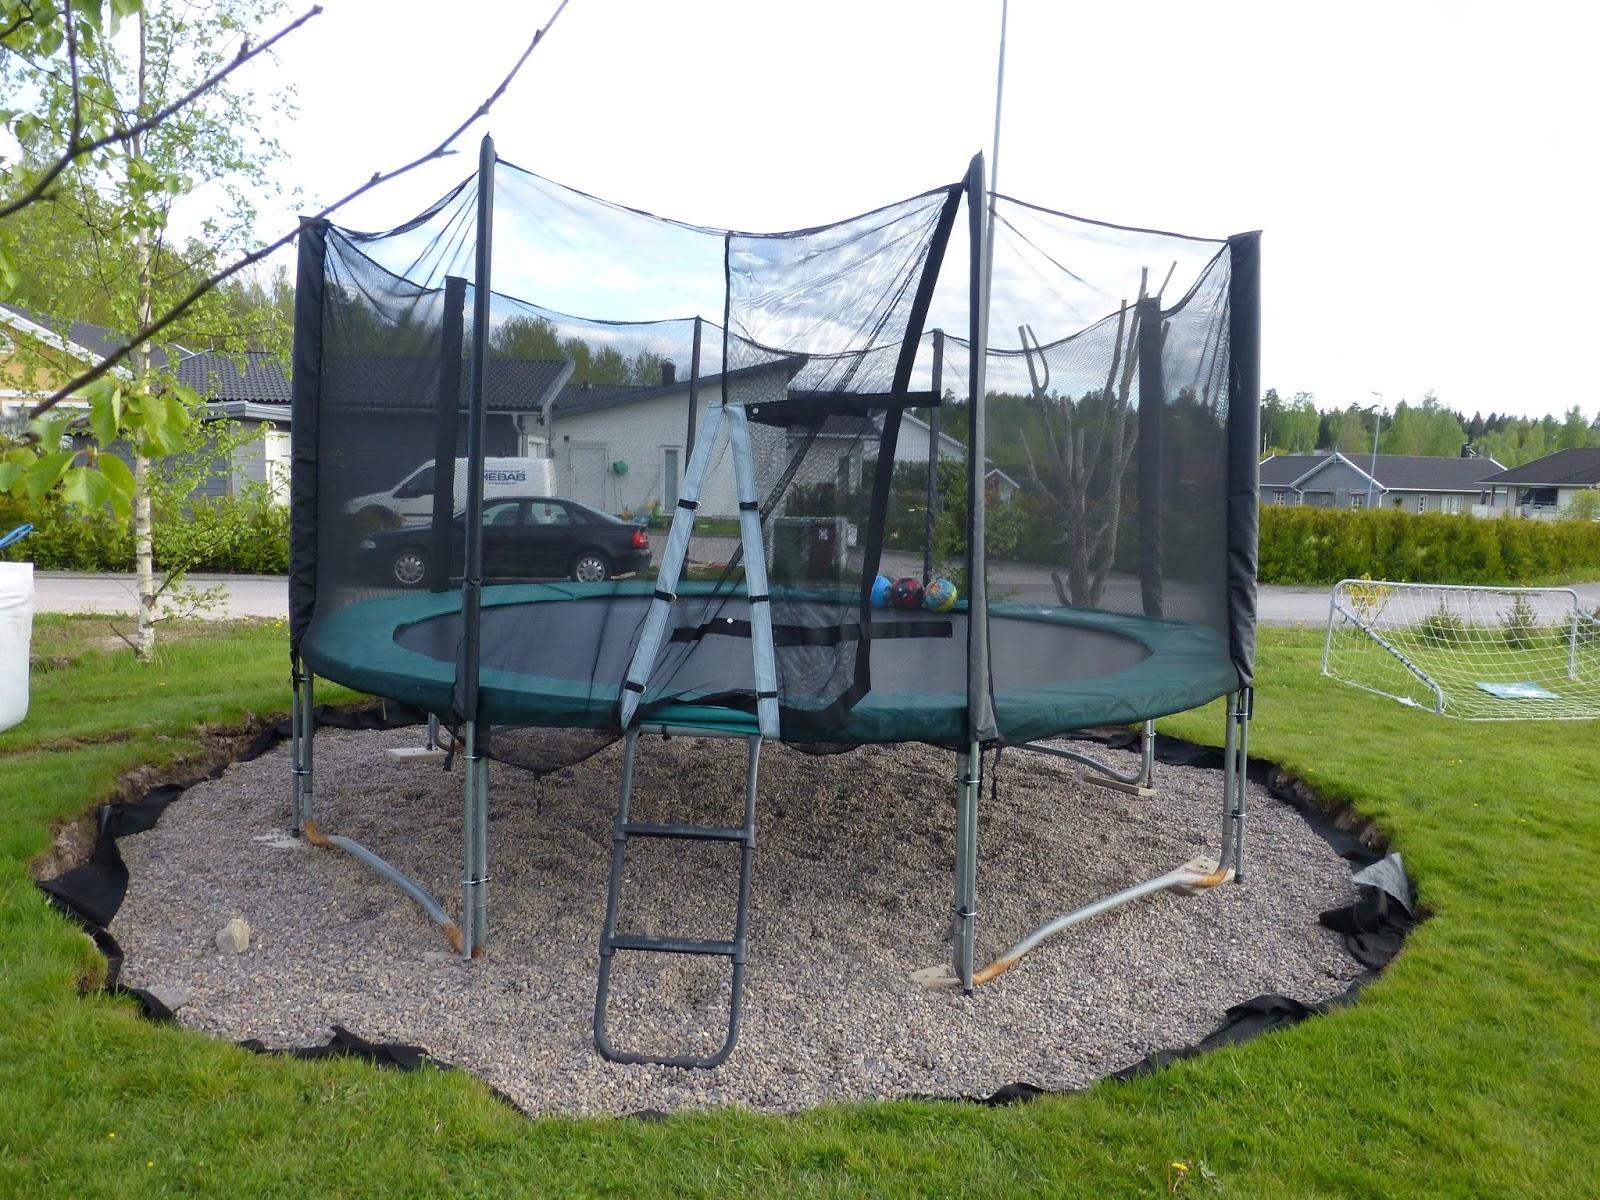 alexandras garten in schweden projekt des tages randsteine um das trampolin legen. Black Bedroom Furniture Sets. Home Design Ideas